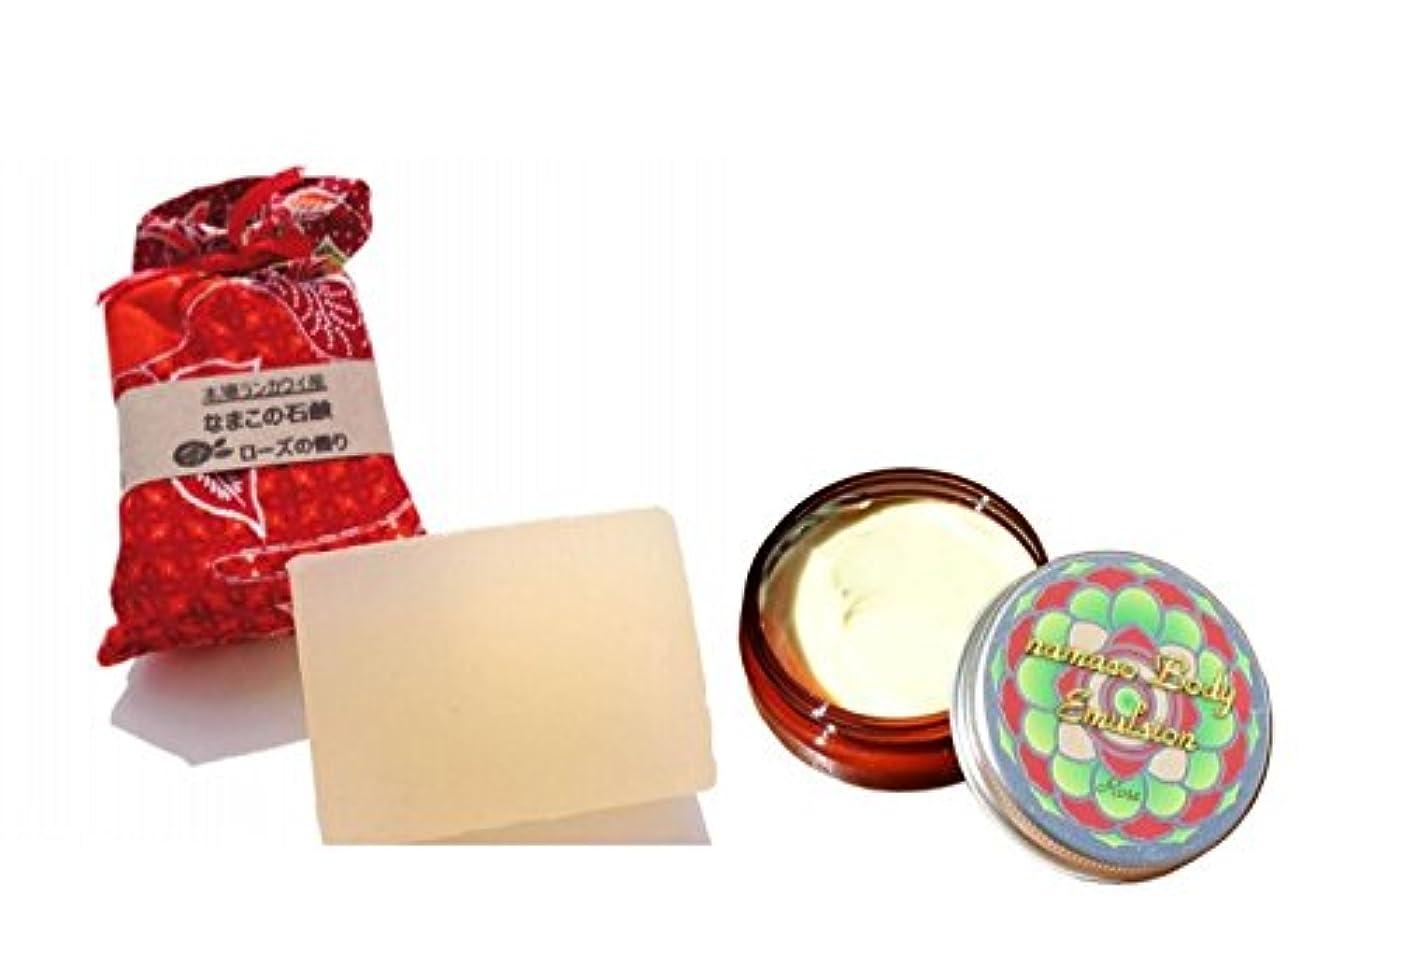 元の一致する極地なまこローズセット なまこ石鹸90g+なまこBODYエマルジョン50g(なまこクリーム)